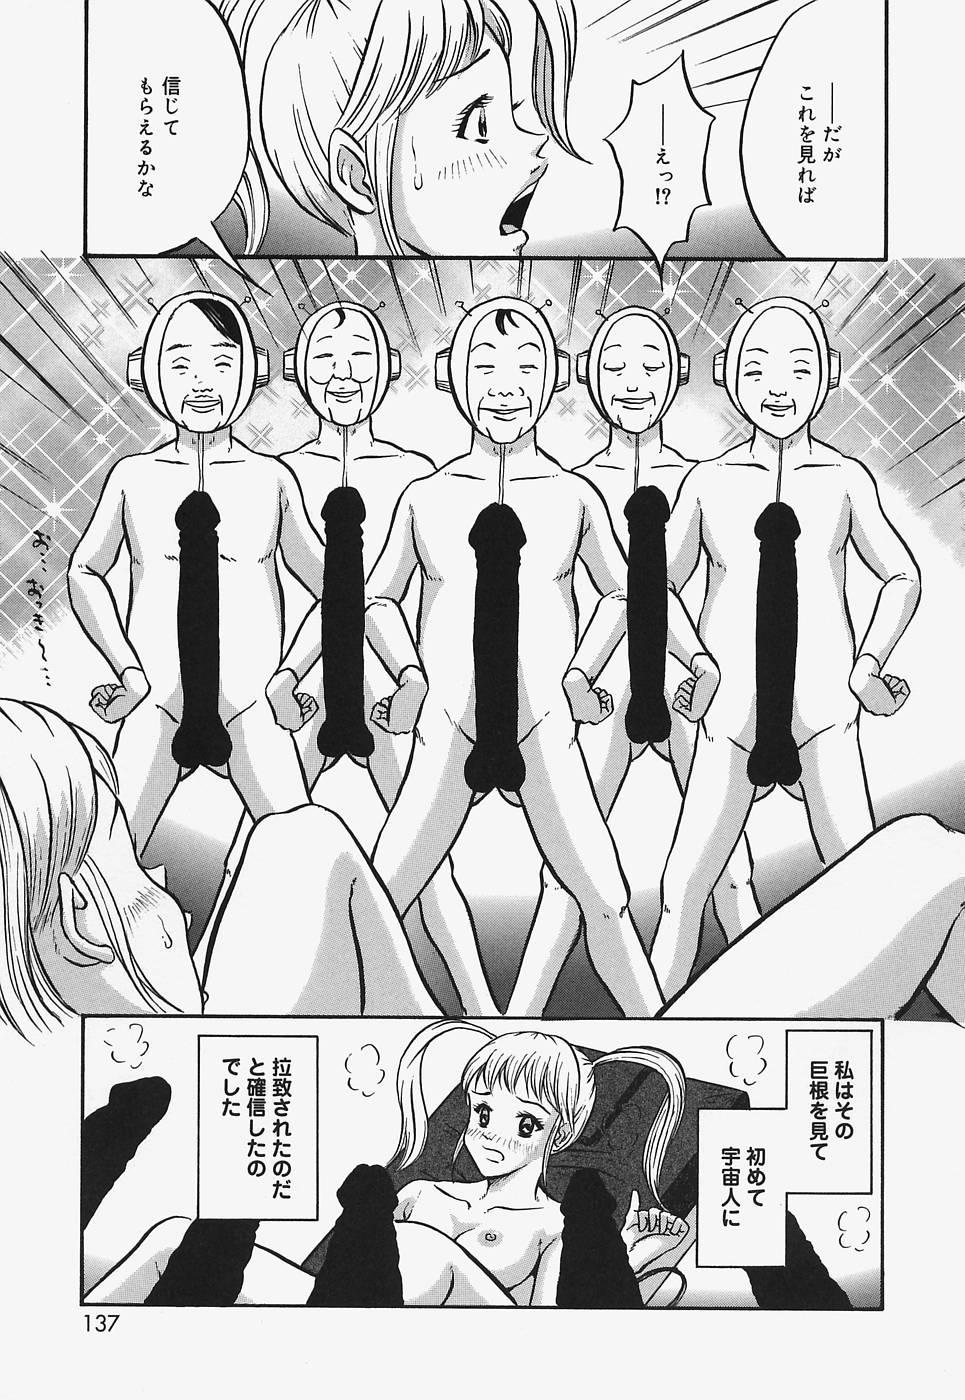 Nurunuru Syoujyo Jiru 136